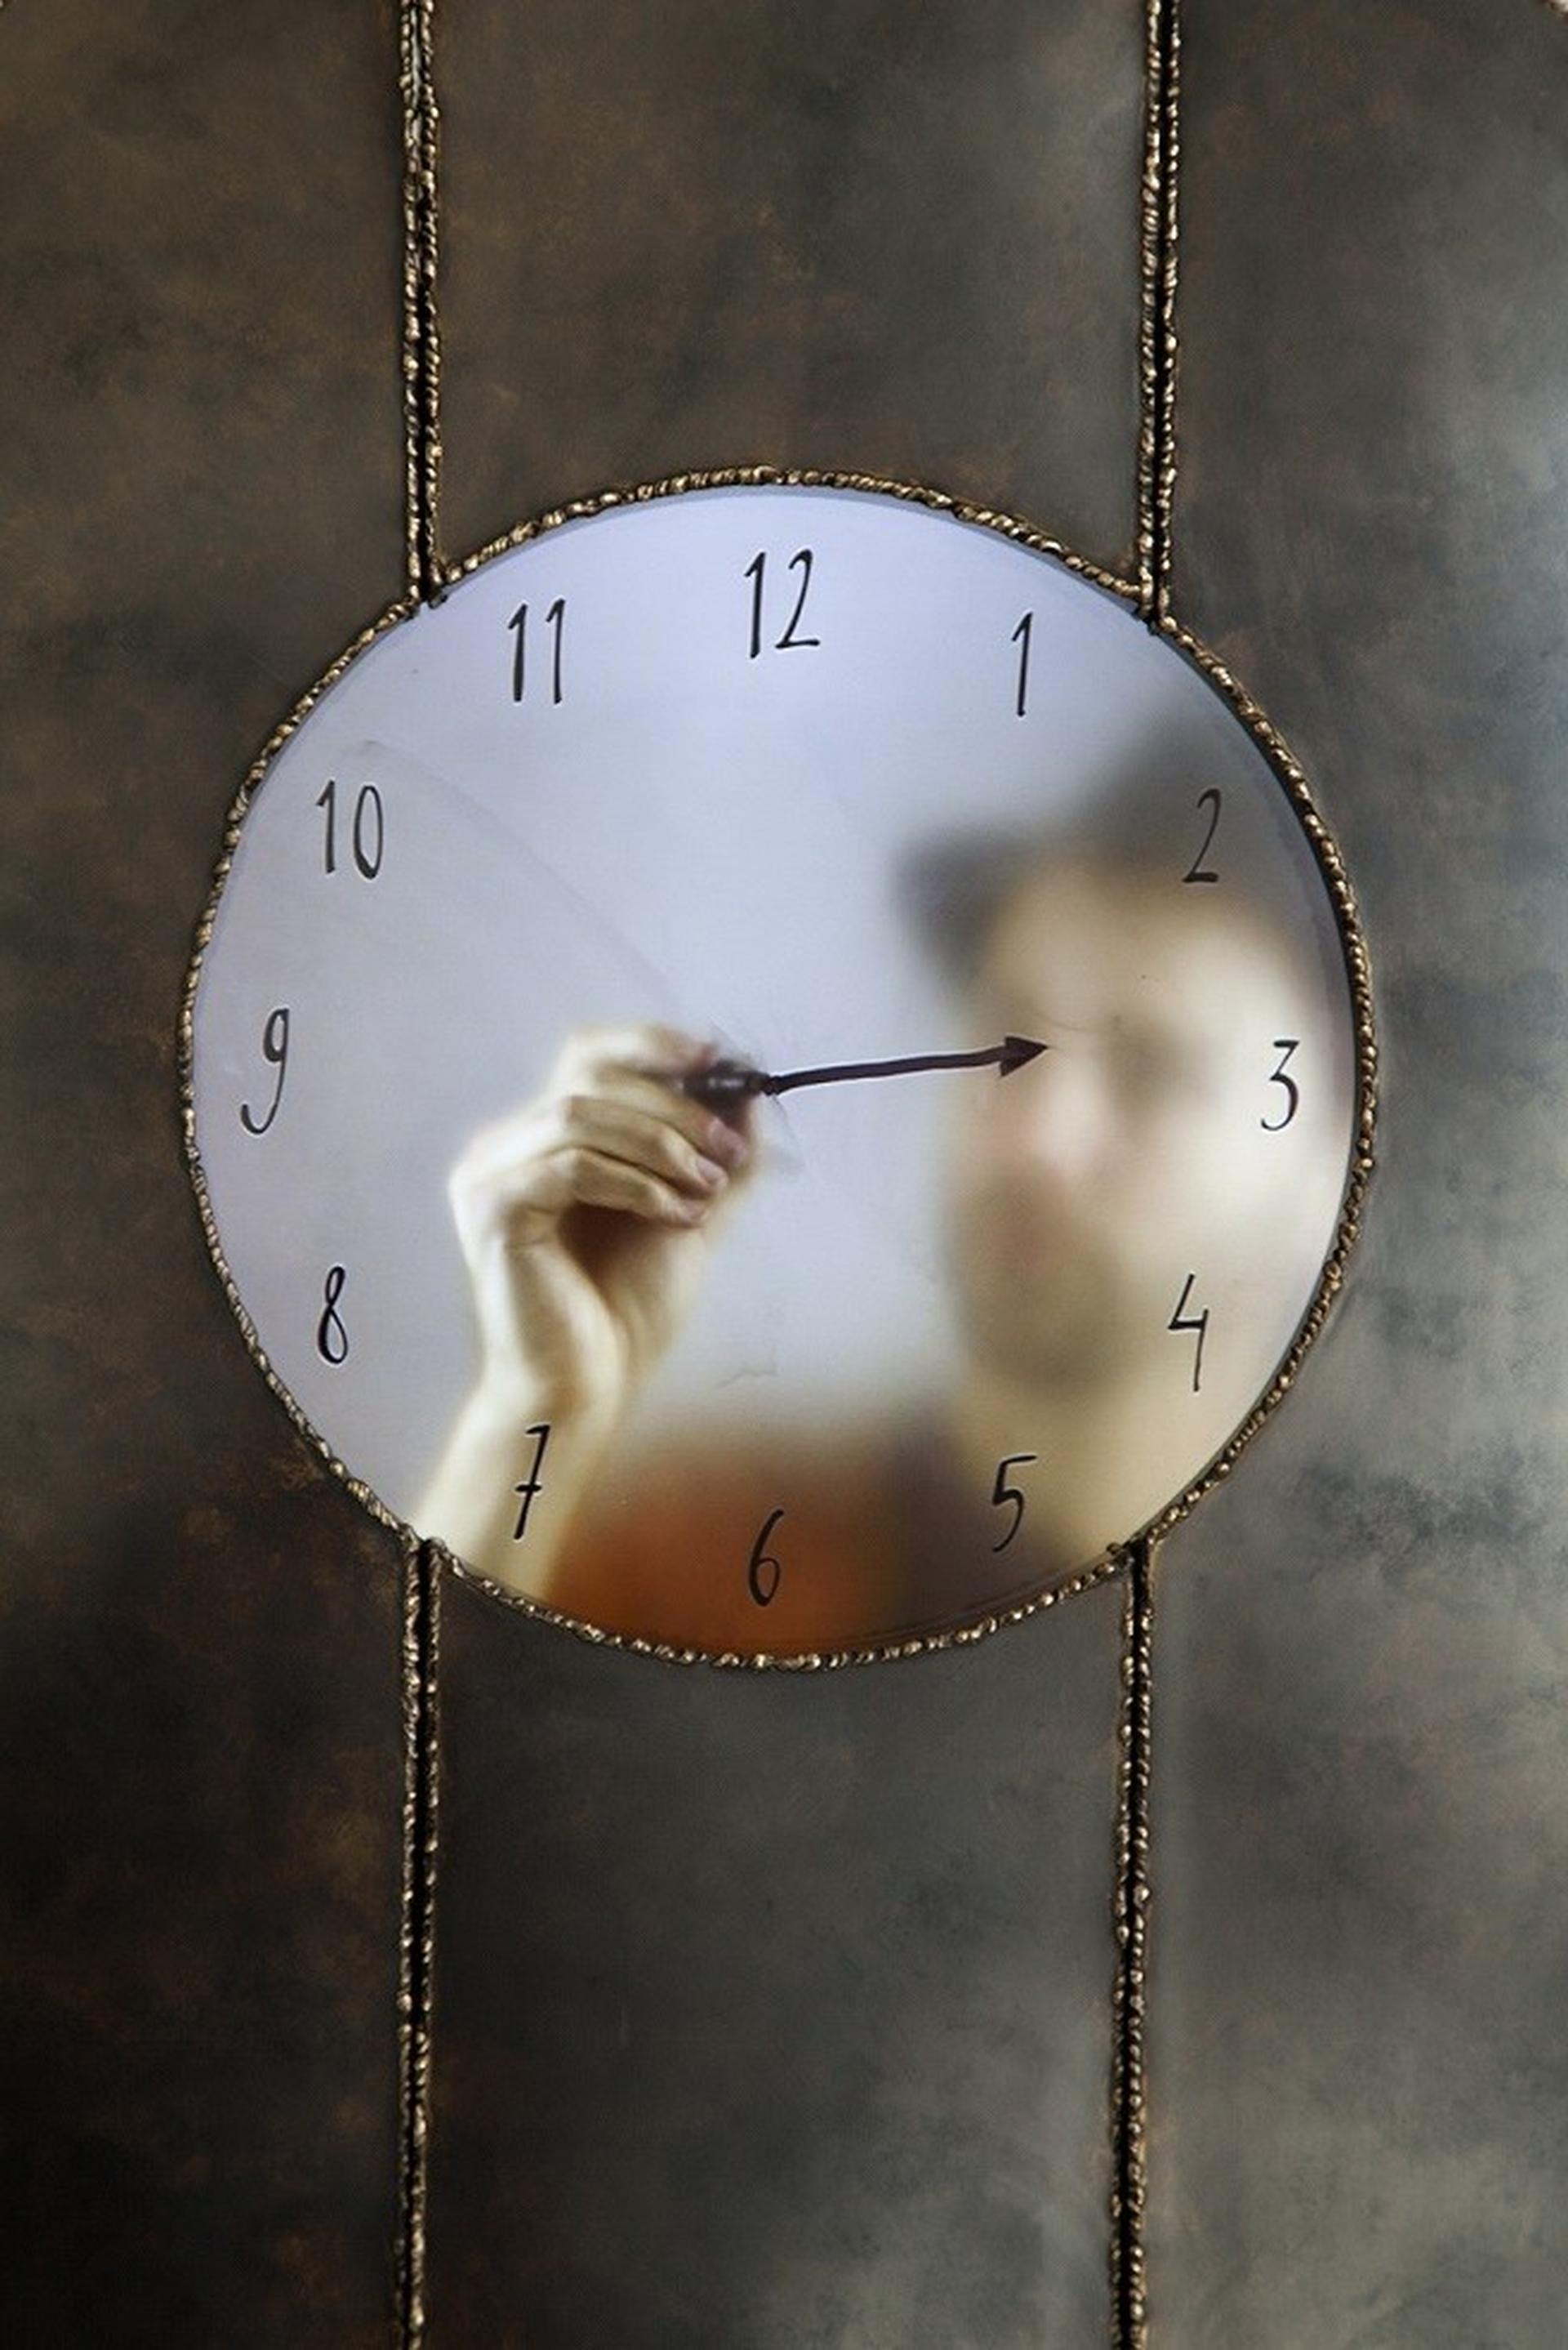 פרט מתוך שעון סבא עם דיוקן עצמי, זמן אמיתי, 2015, מרטן באס, דיוקן עצמי